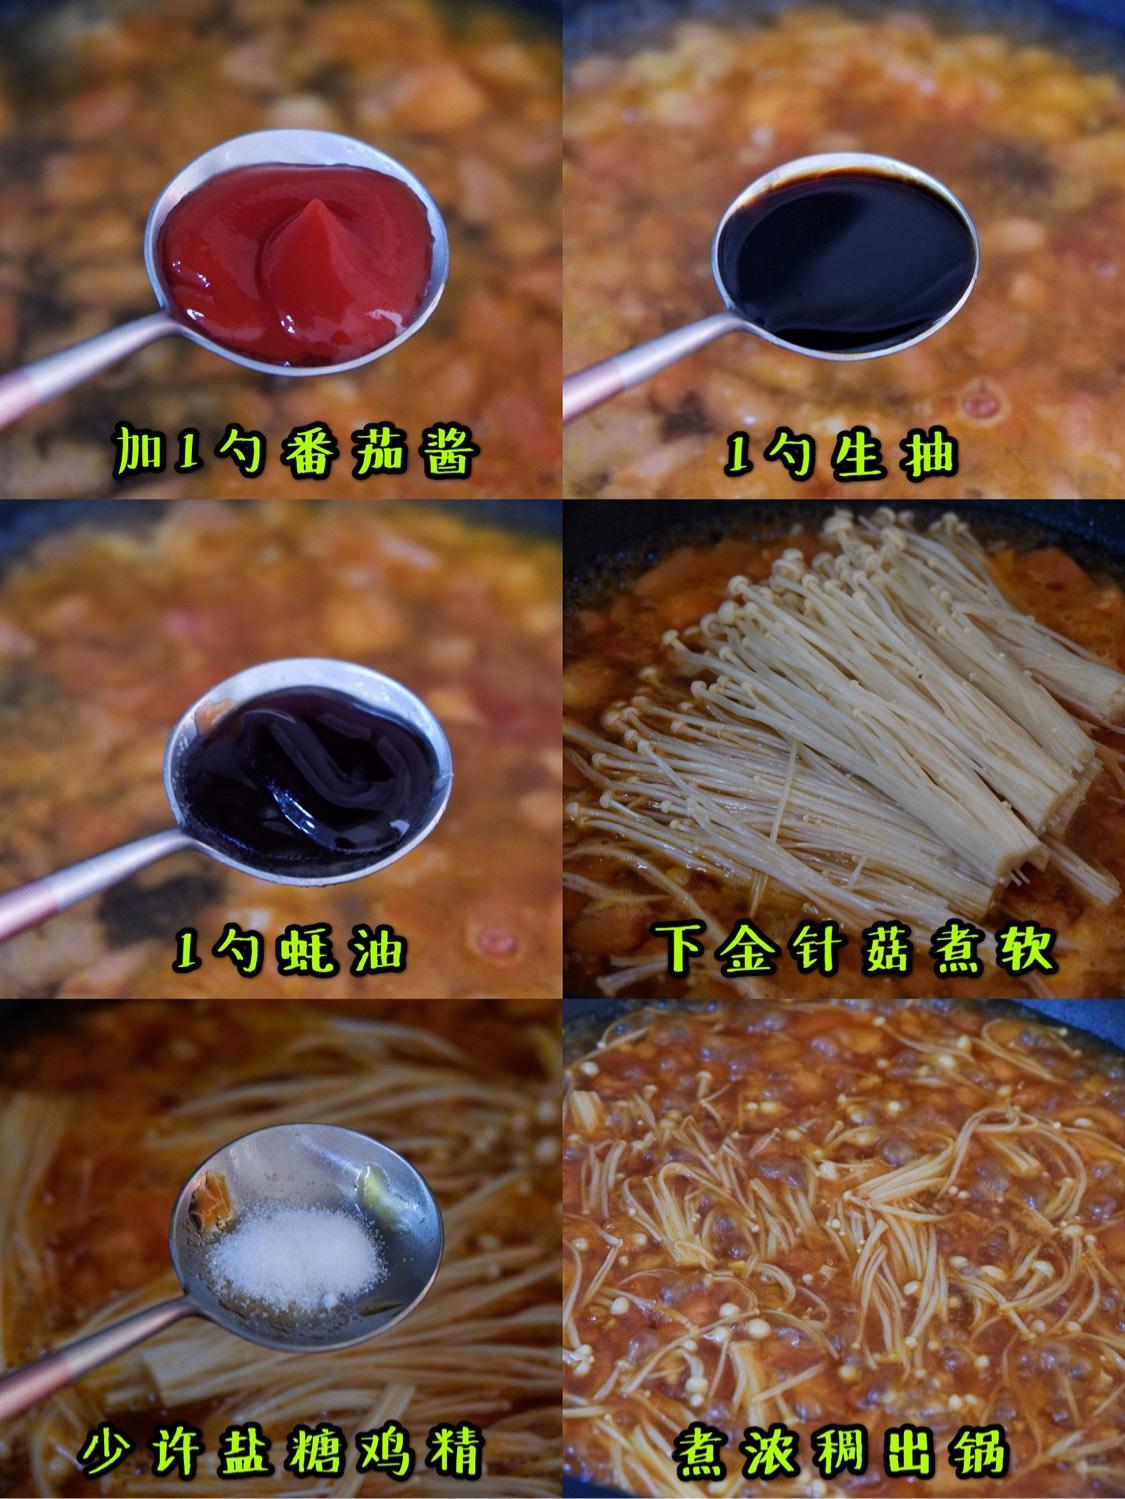 加1勺番茄酱,1勺生抽,1勺蚝油拌匀,加入金针菇煮软,加少许盐糖鸡精,煮浓稠出锅